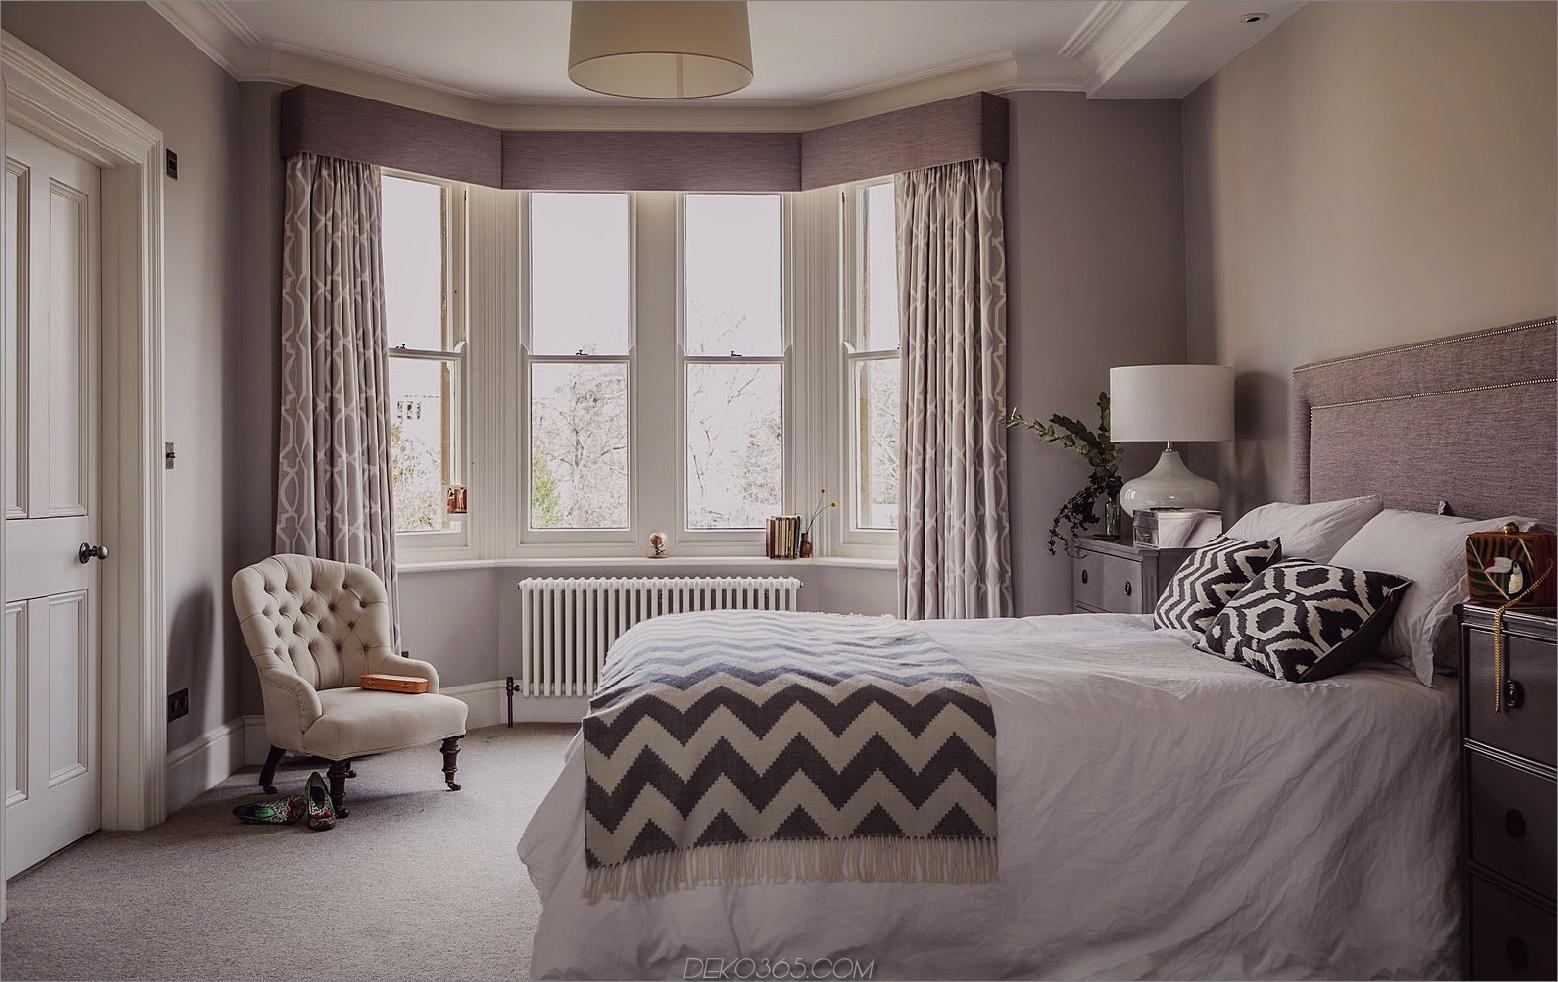 Muster Vorhänge Schlafzimmer Die besten Vorhänge, um Ihr Schlafzimmer zu verbessern